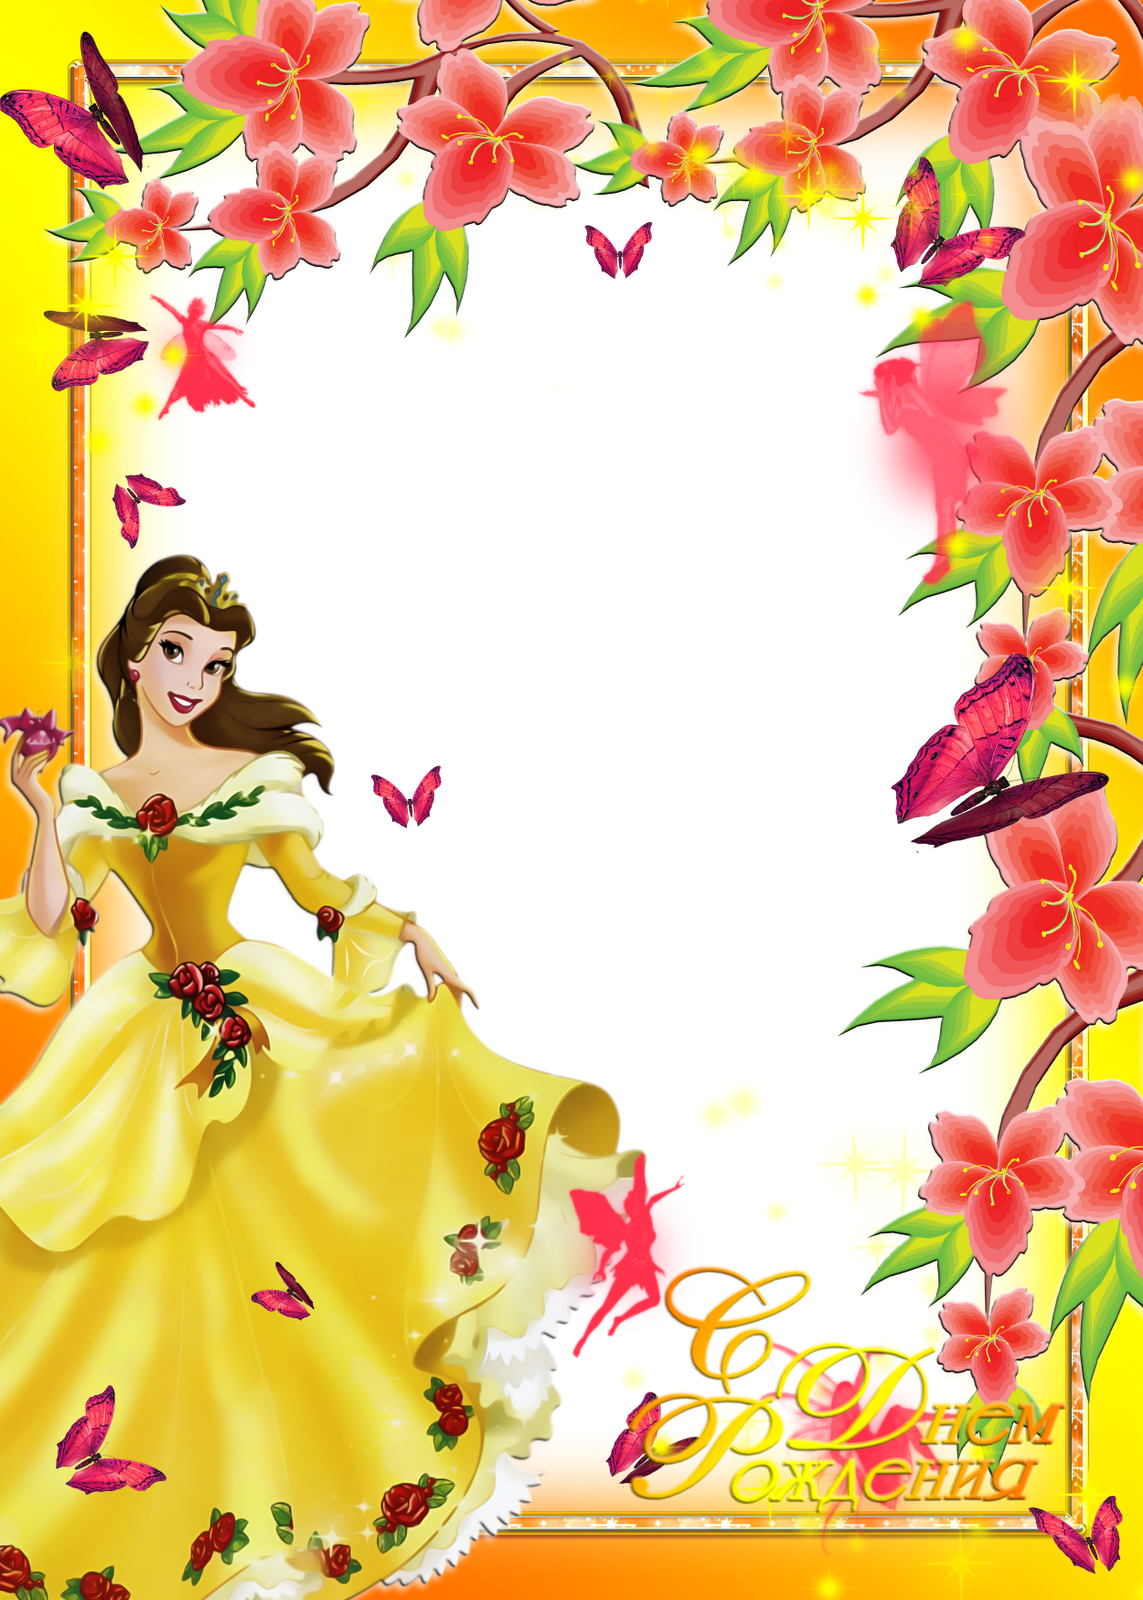 Imagens para photoshop: frames PNG fotos princesas disney #3 ...